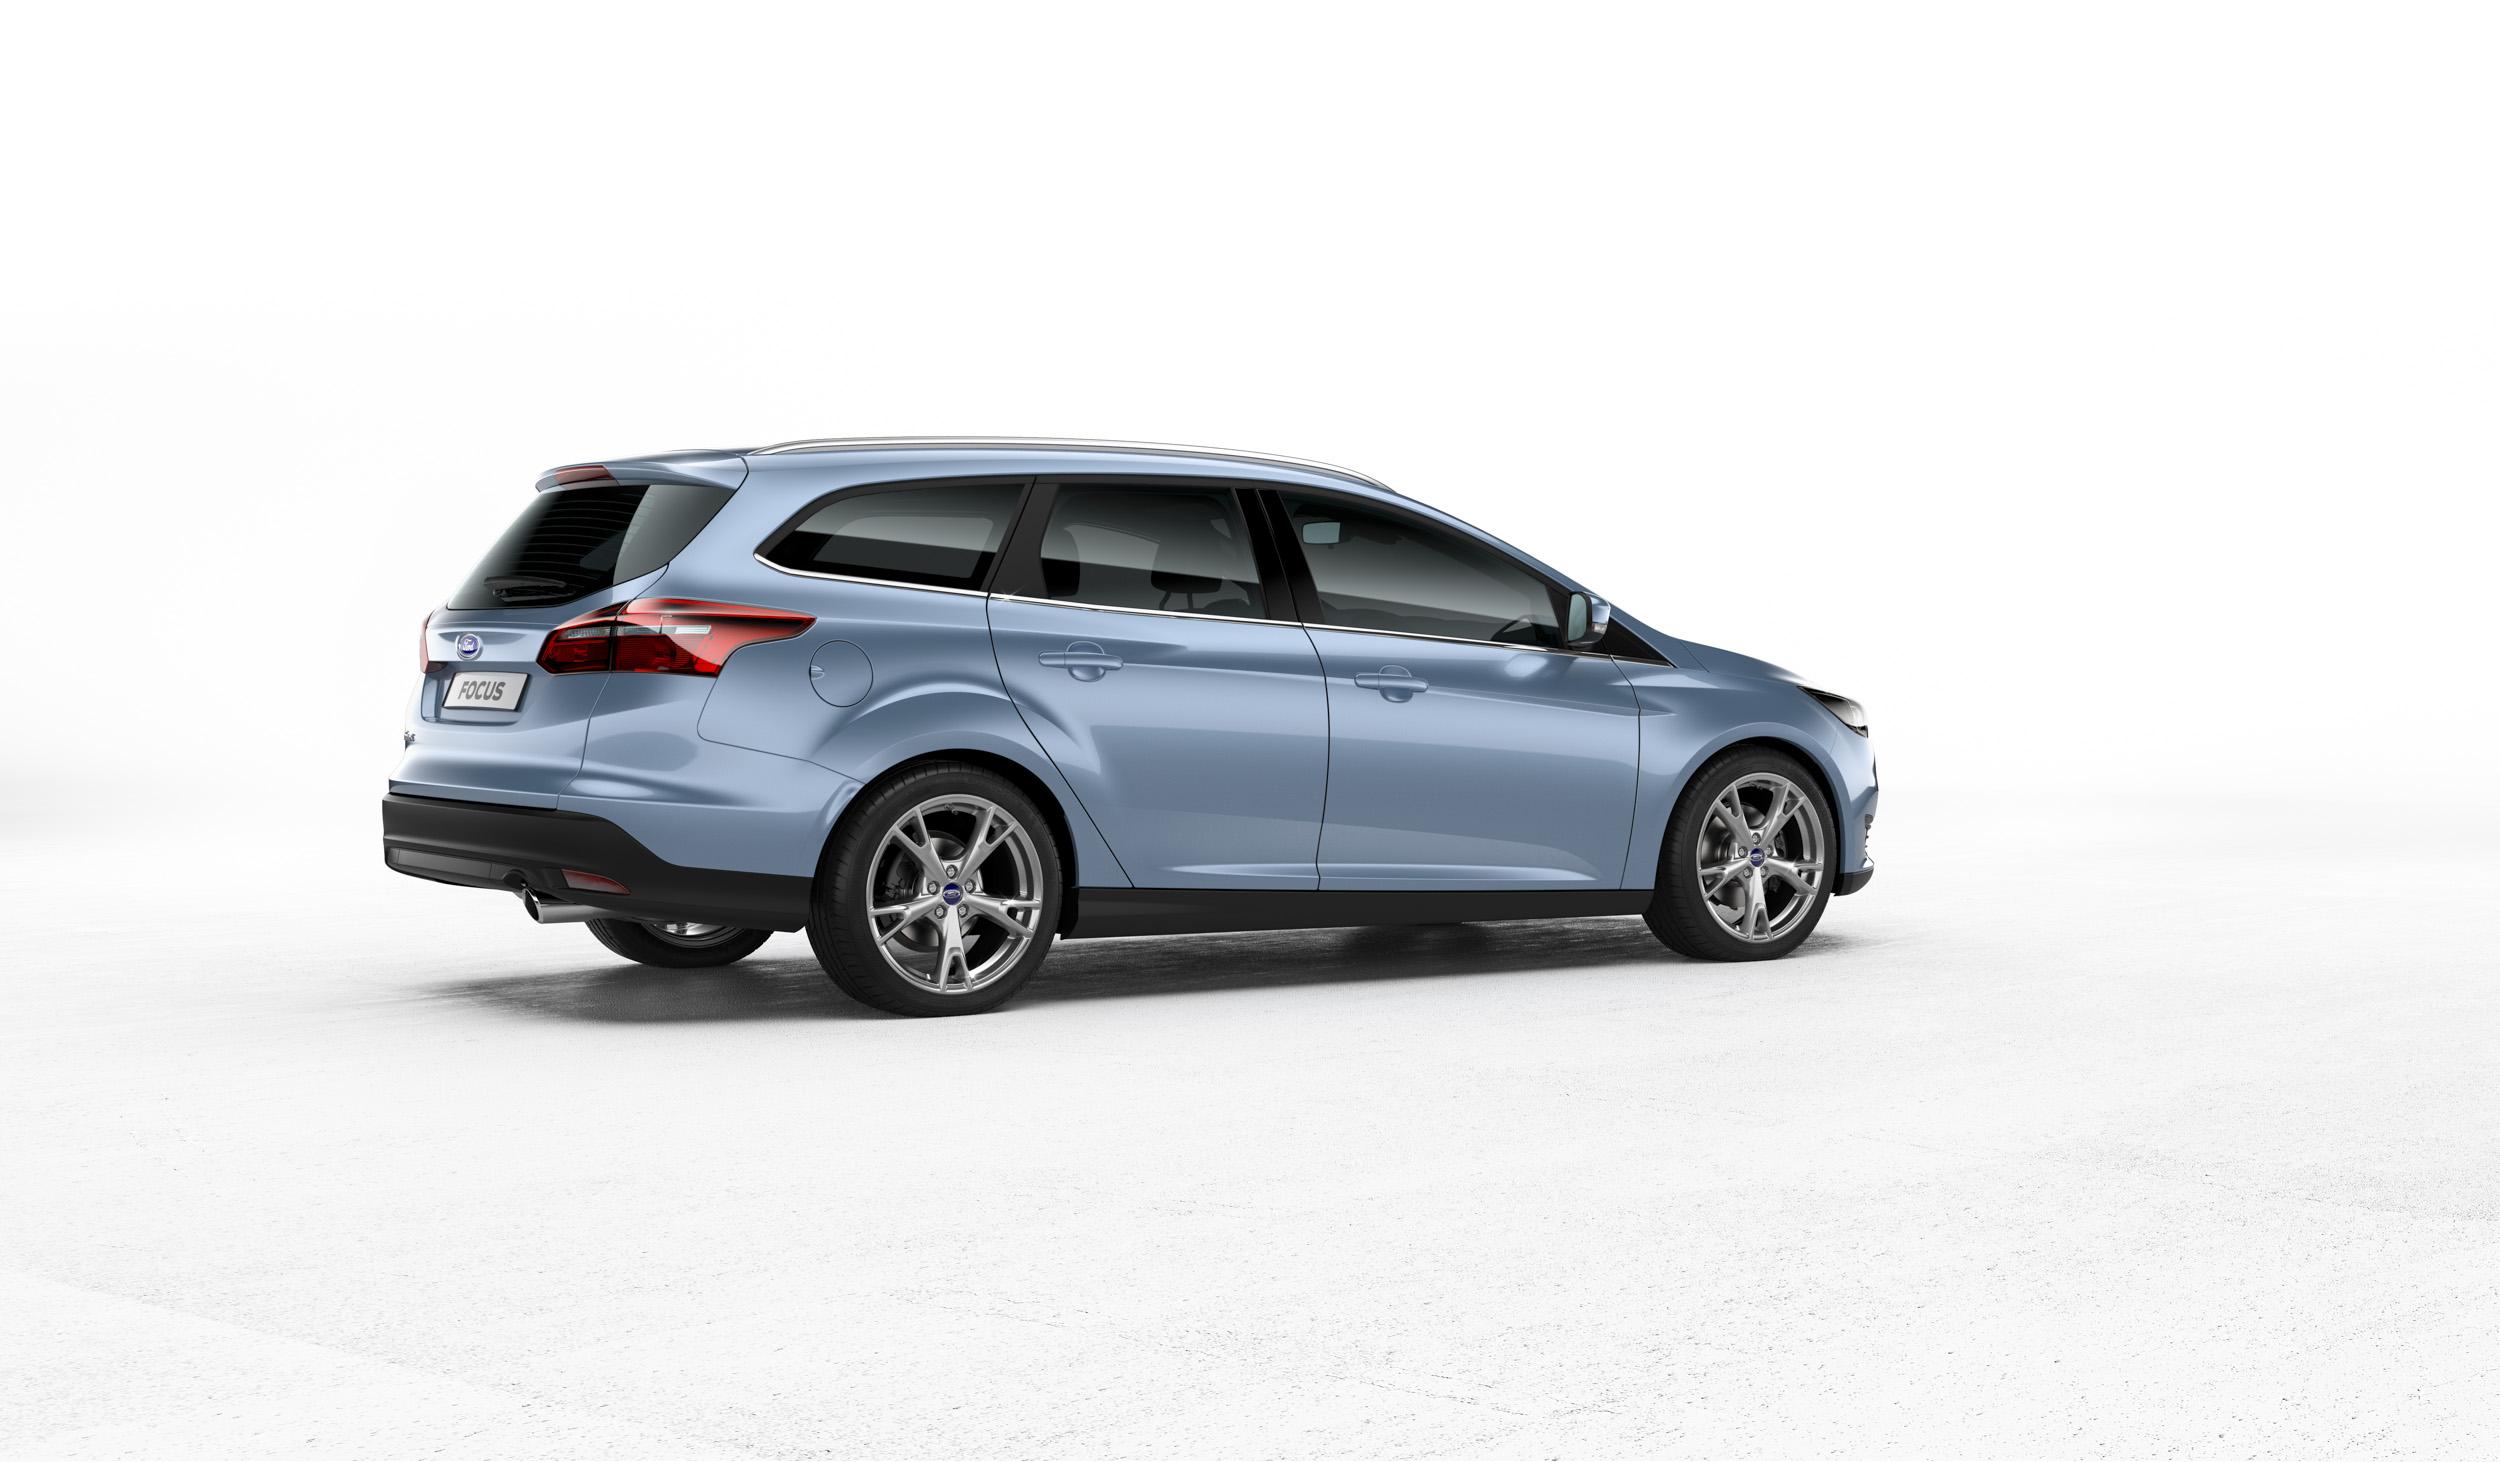 Ford_Focus_Wagon_04.jpg